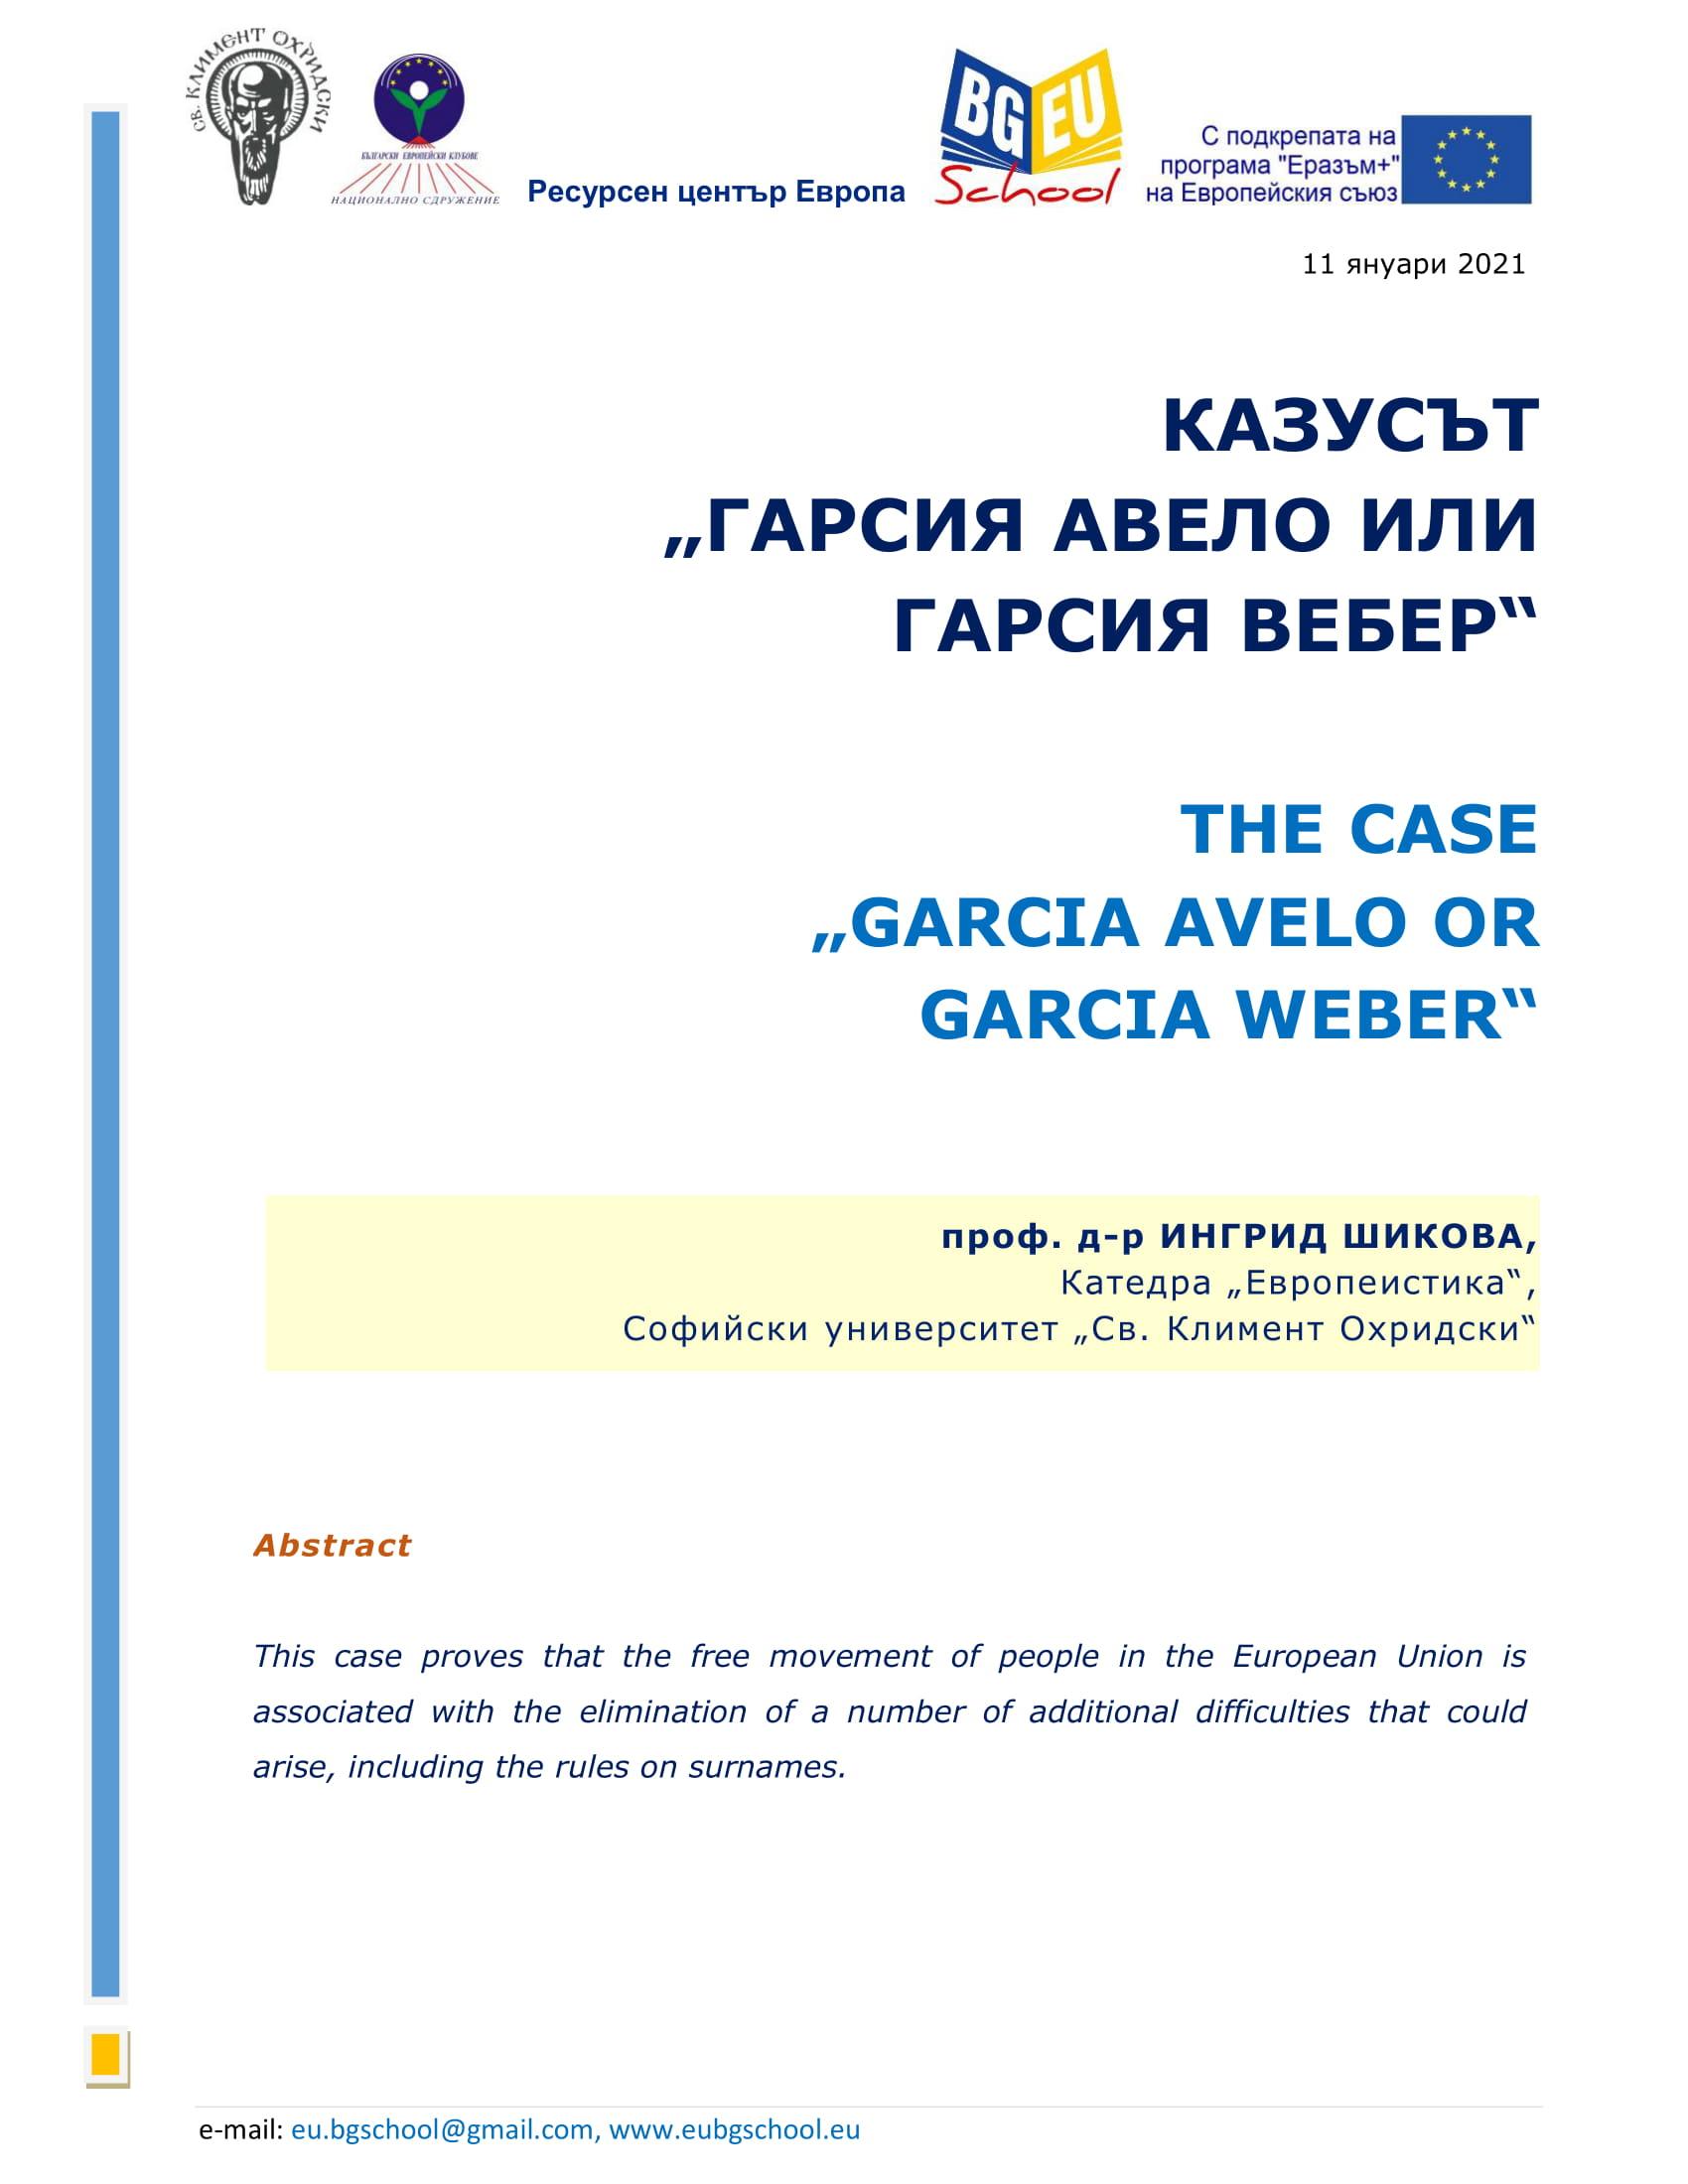 """THE CASE """"GARCIA AVELO OR GARCIA WEBER"""""""